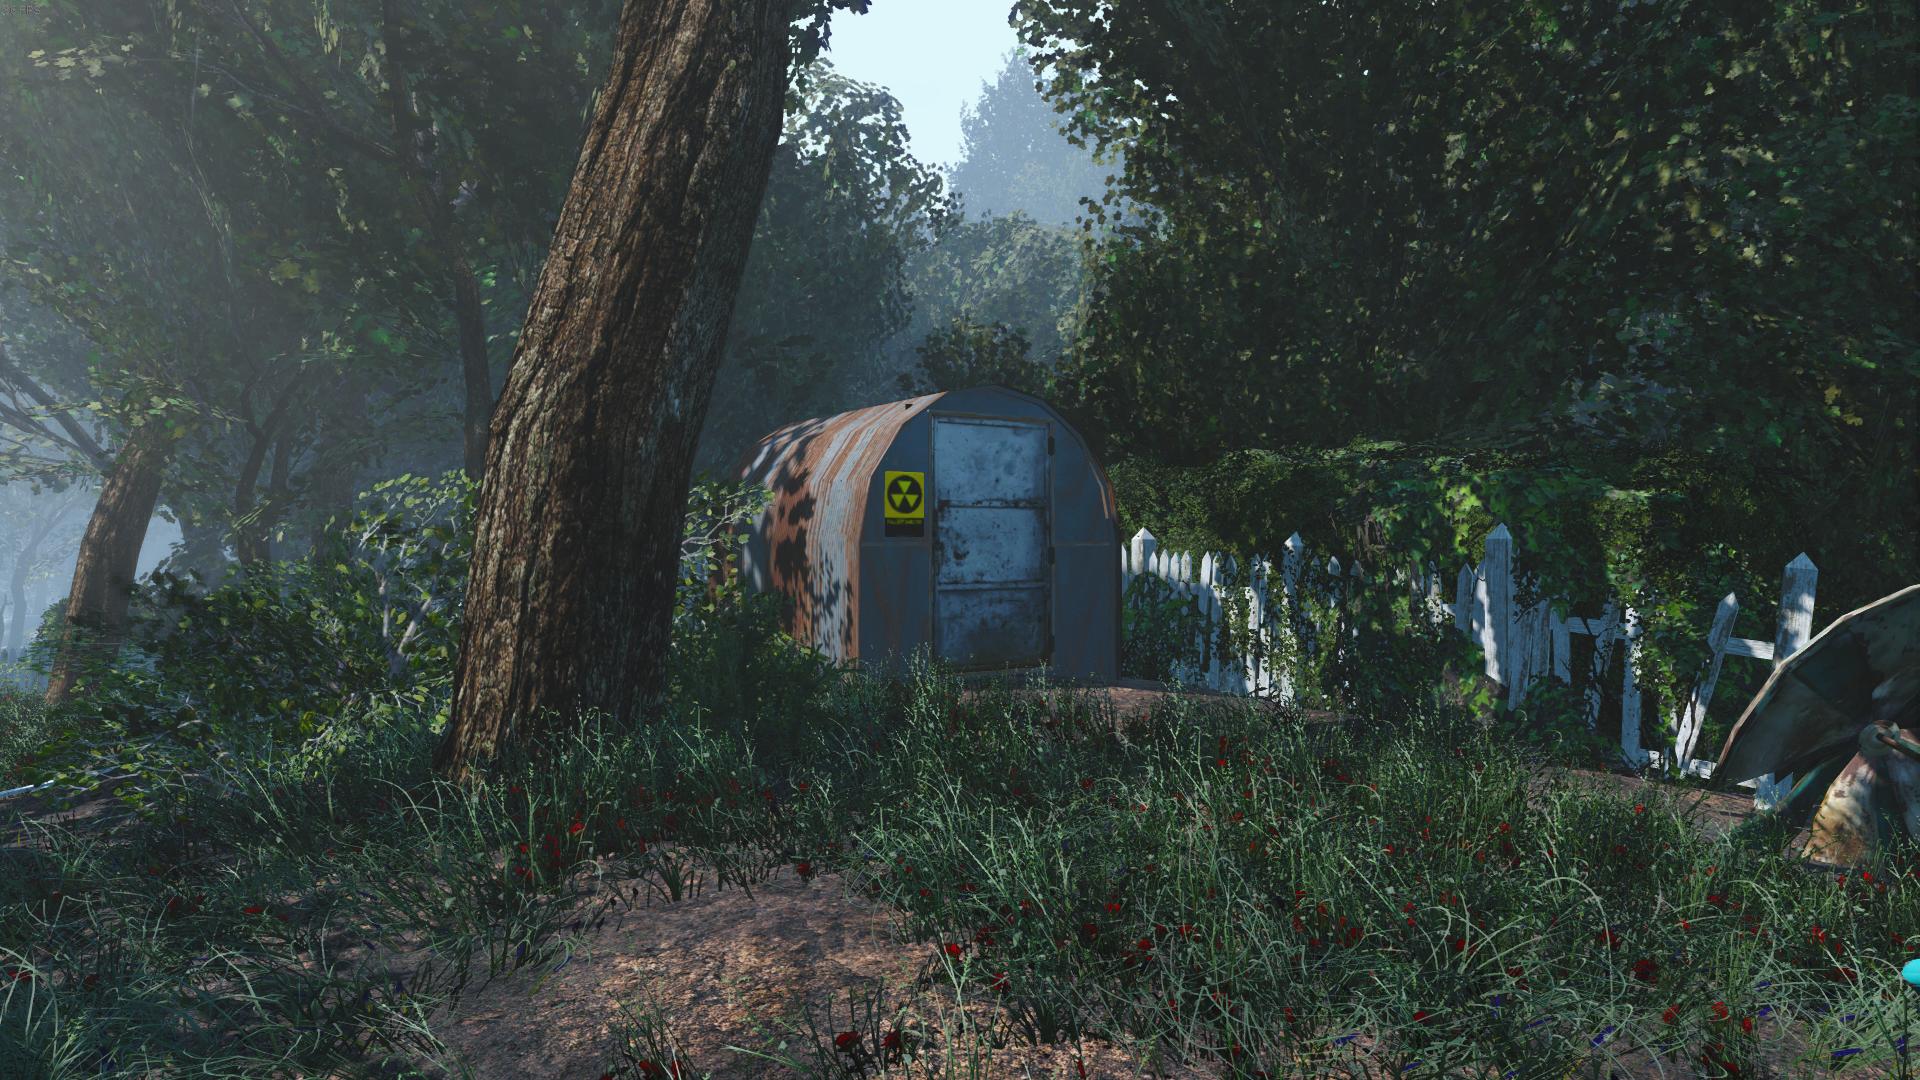 111 Cloverfield Lane Bunker Fallout 4 Mod Adds Cloververse